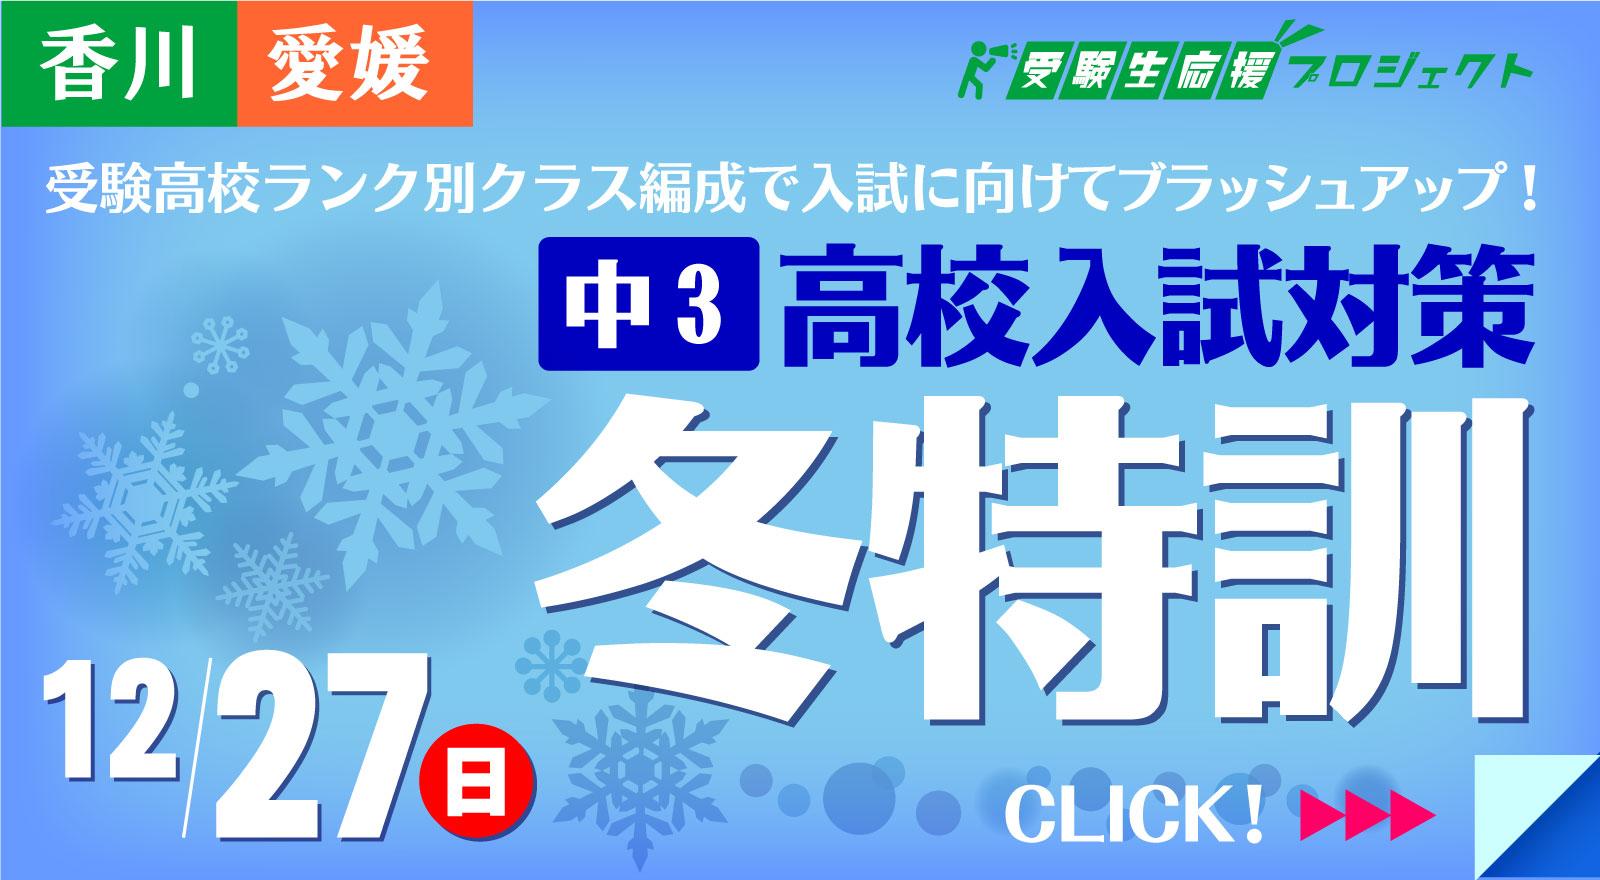 中3高校入試対策冬特訓12/27